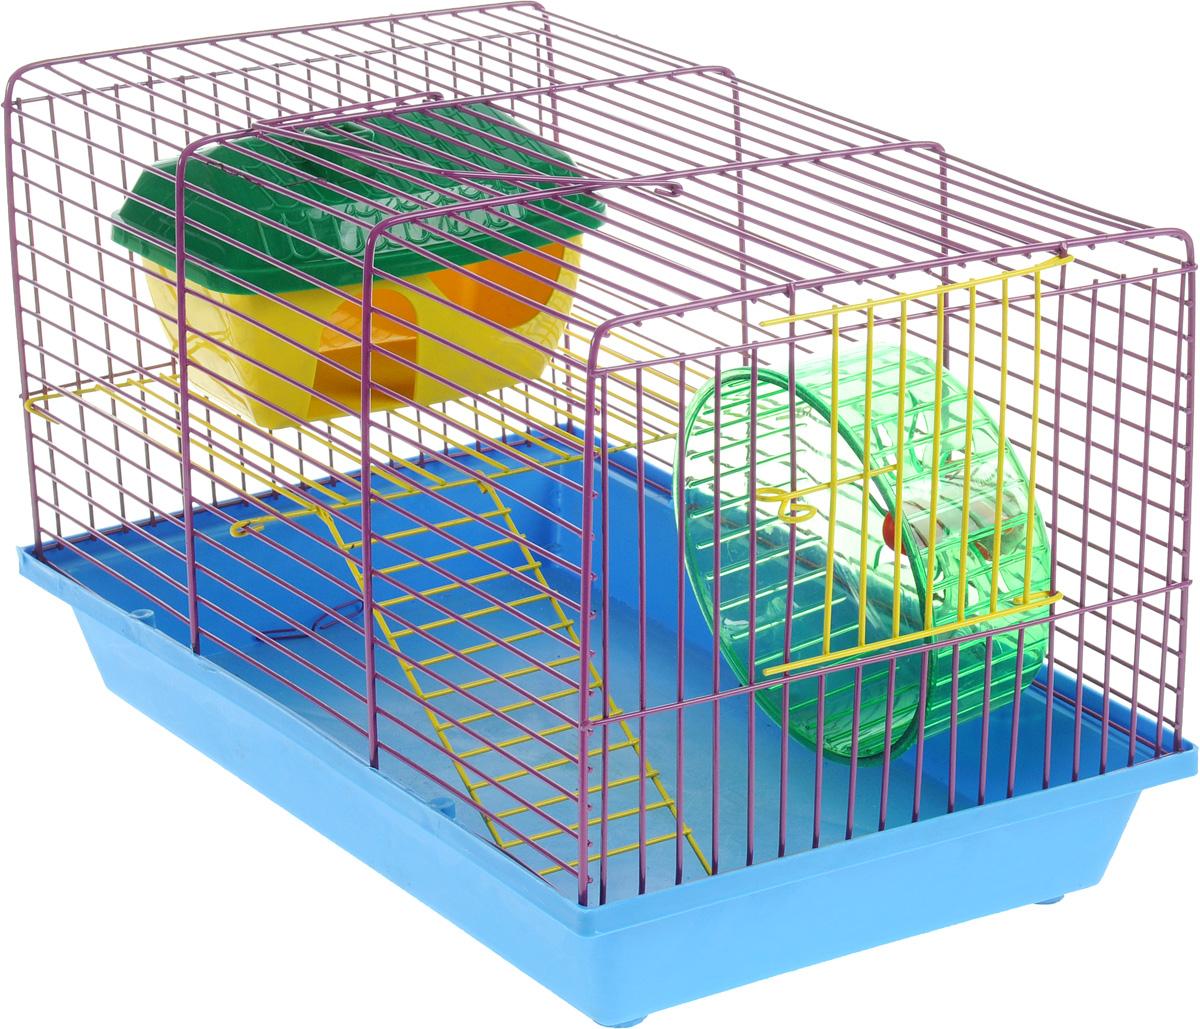 Клетка для грызунов ЗооМарк, 2-этажная, цвет: синий поддон, фиолетовая решетка, 36 х 22 х 24 см125СФКлетка ЗооМарк, выполненная из полипропилена и металла, подходит для мелких грызунов. Изделие двухэтажное, оборудовано колесом для подвижных игр и пластиковым домиком. Клетка имеет яркий поддон, удобна в использовании и легко чистится. Сверху имеется ручка для переноски, а сбоку удобная дверца. Такая клетка станет уединенным личным пространством и уютным домиком для маленького грызуна.